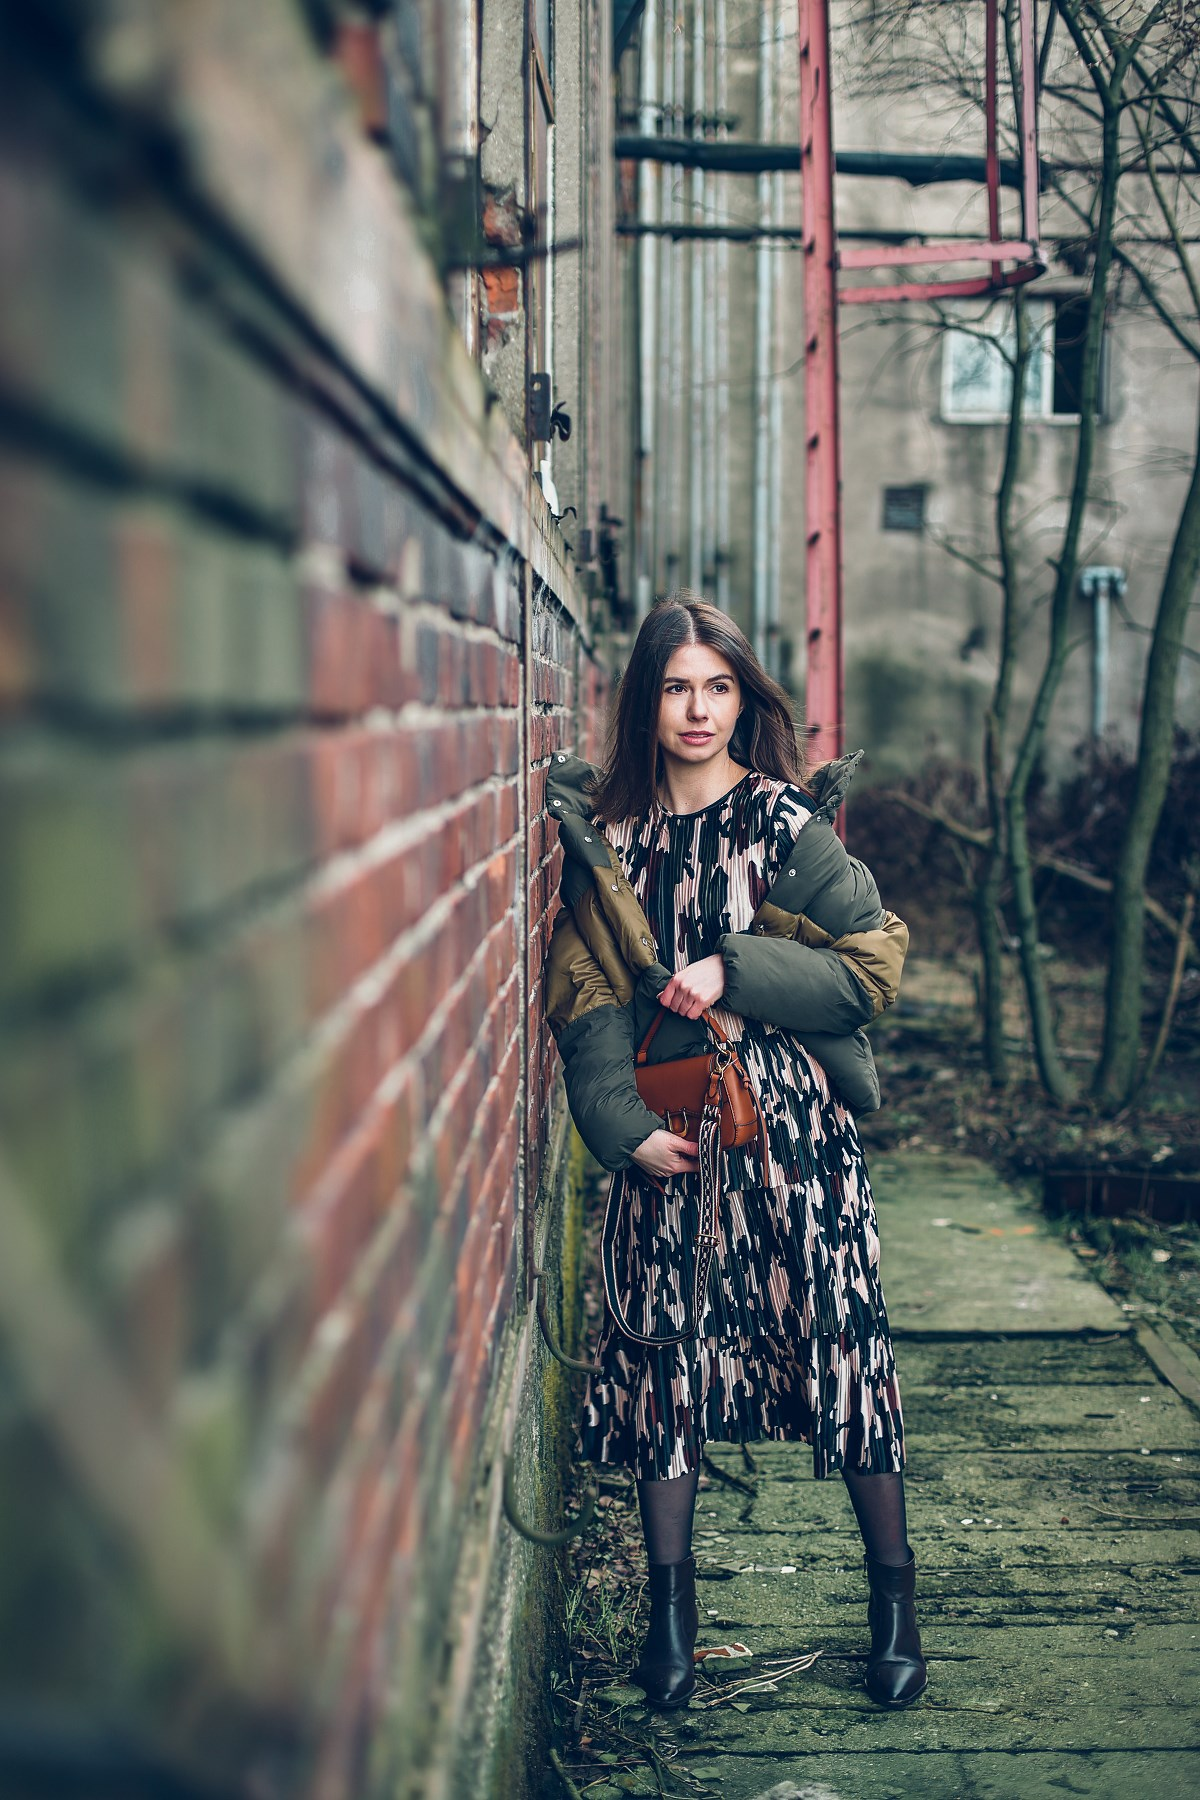 sukienka moro puchówka blog modowy stocznia gdańsk